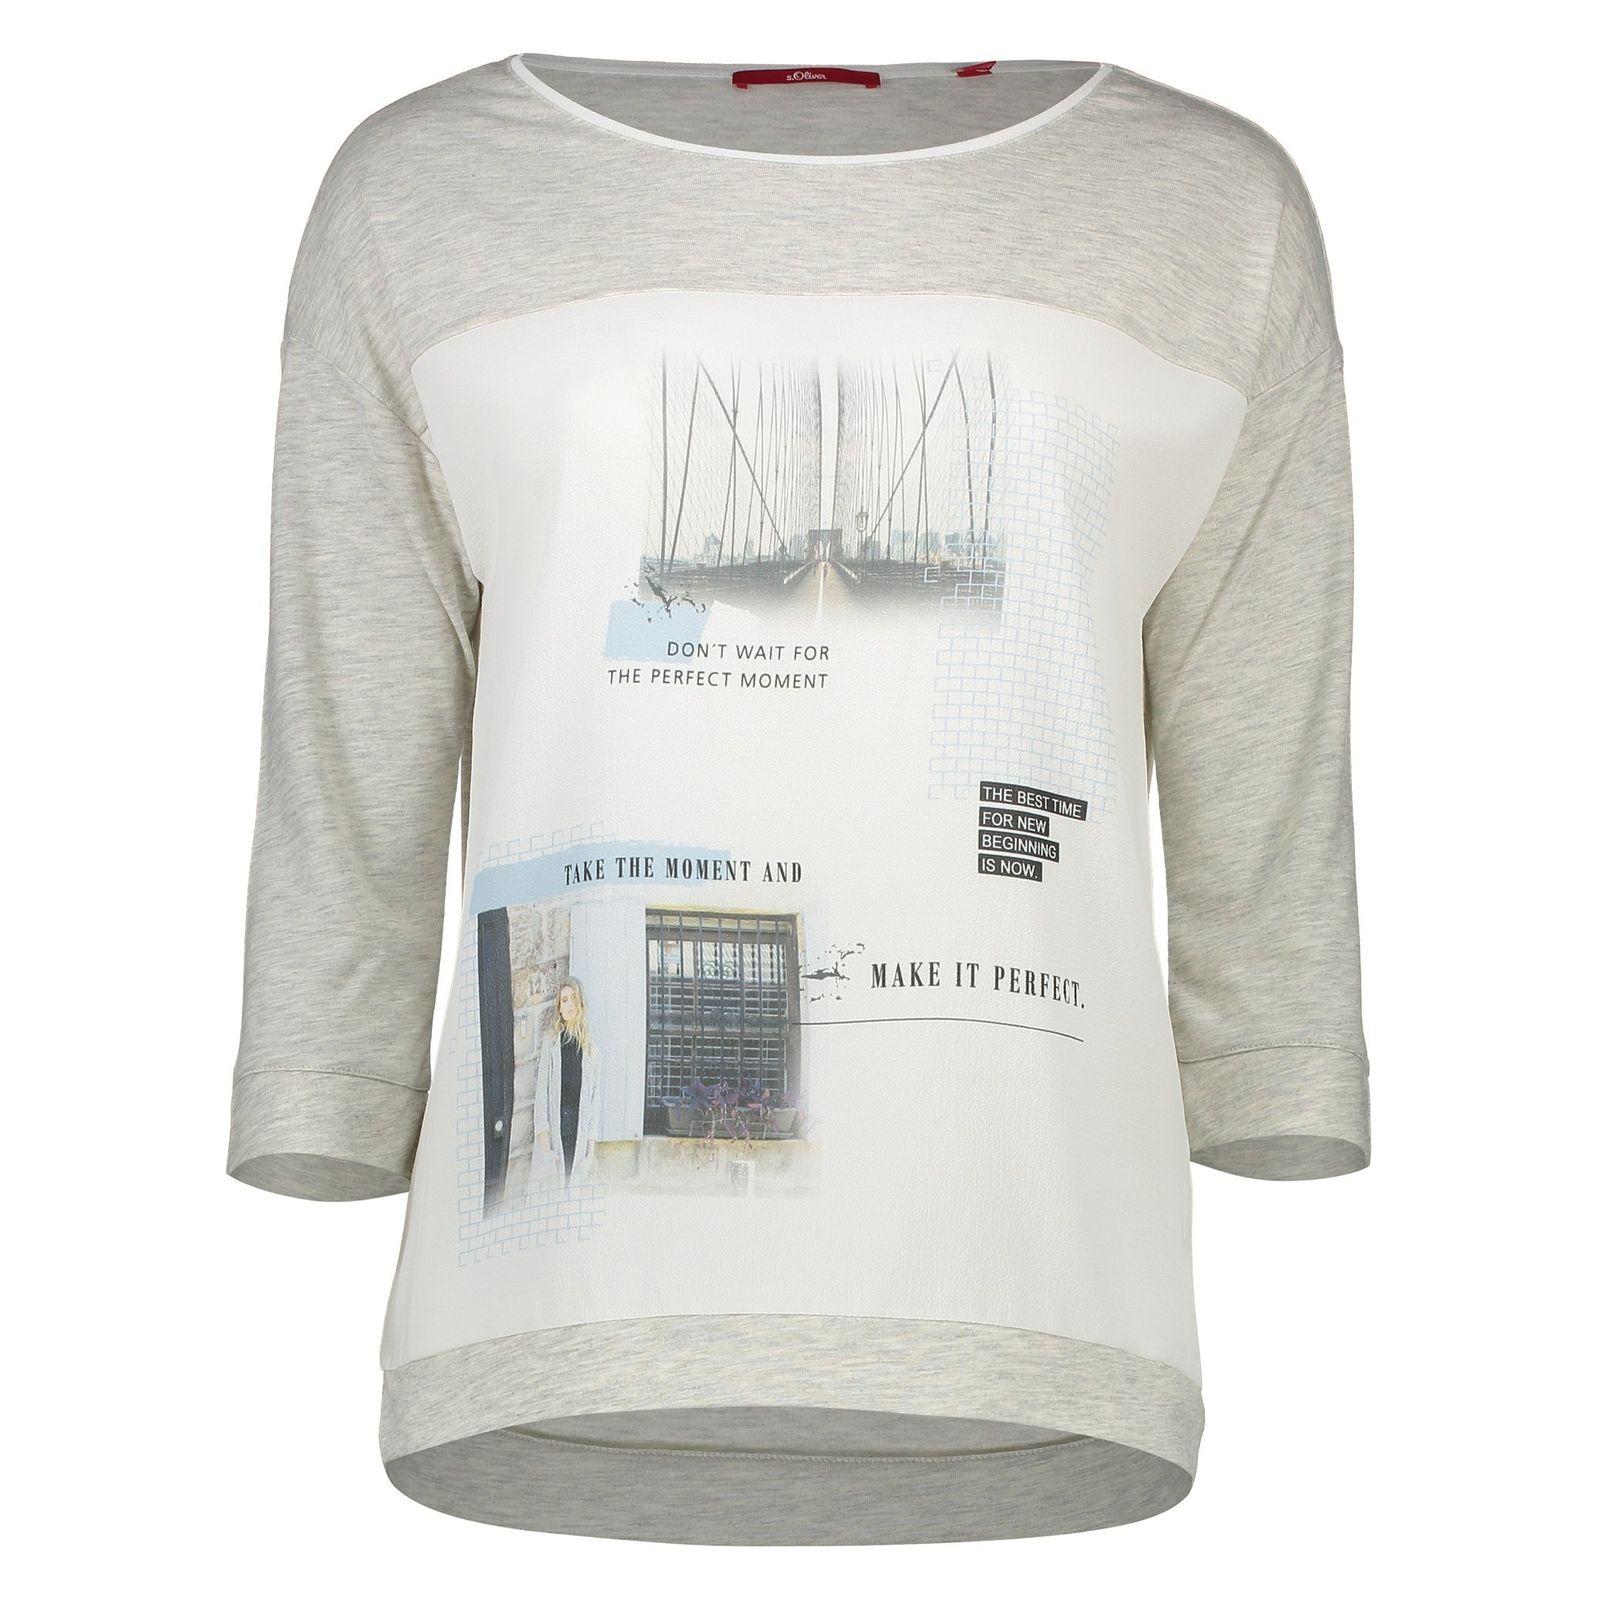 تی شرت یقه گرد زنانه - اس.اولیور - طوسي روشن - 1